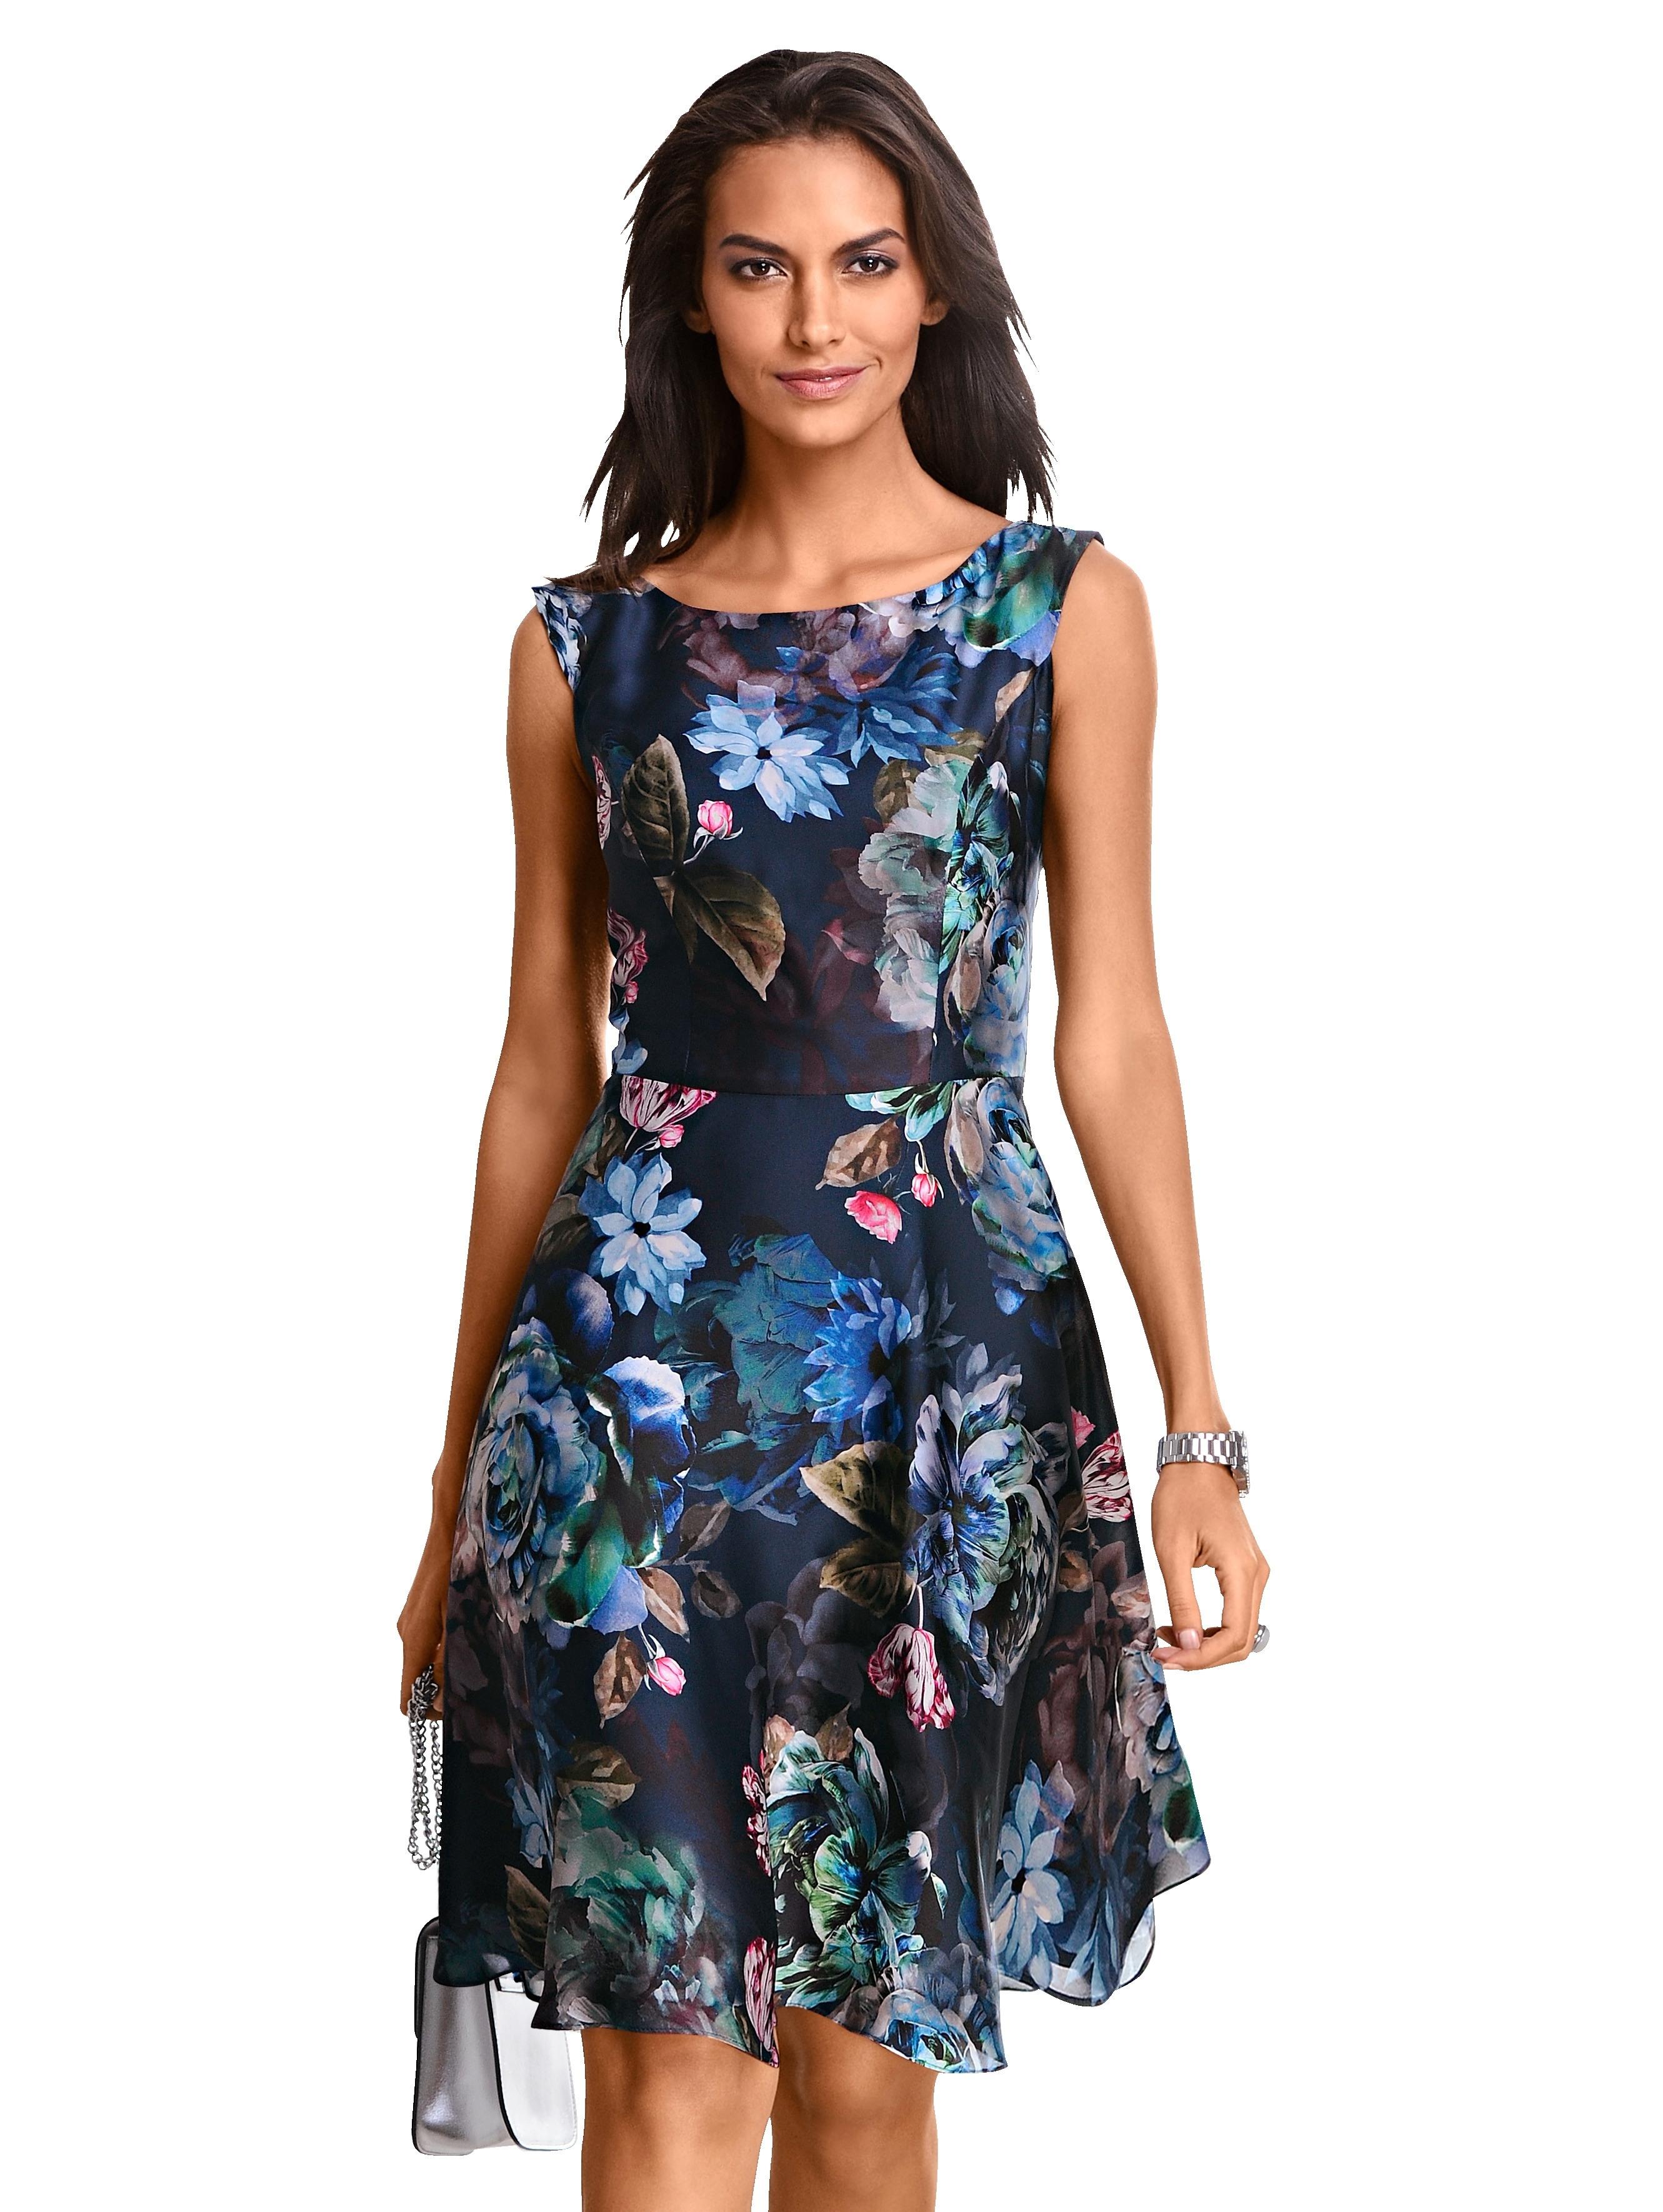 20 Schön Damen Kleider Ärmel13 Perfekt Damen Kleider Galerie